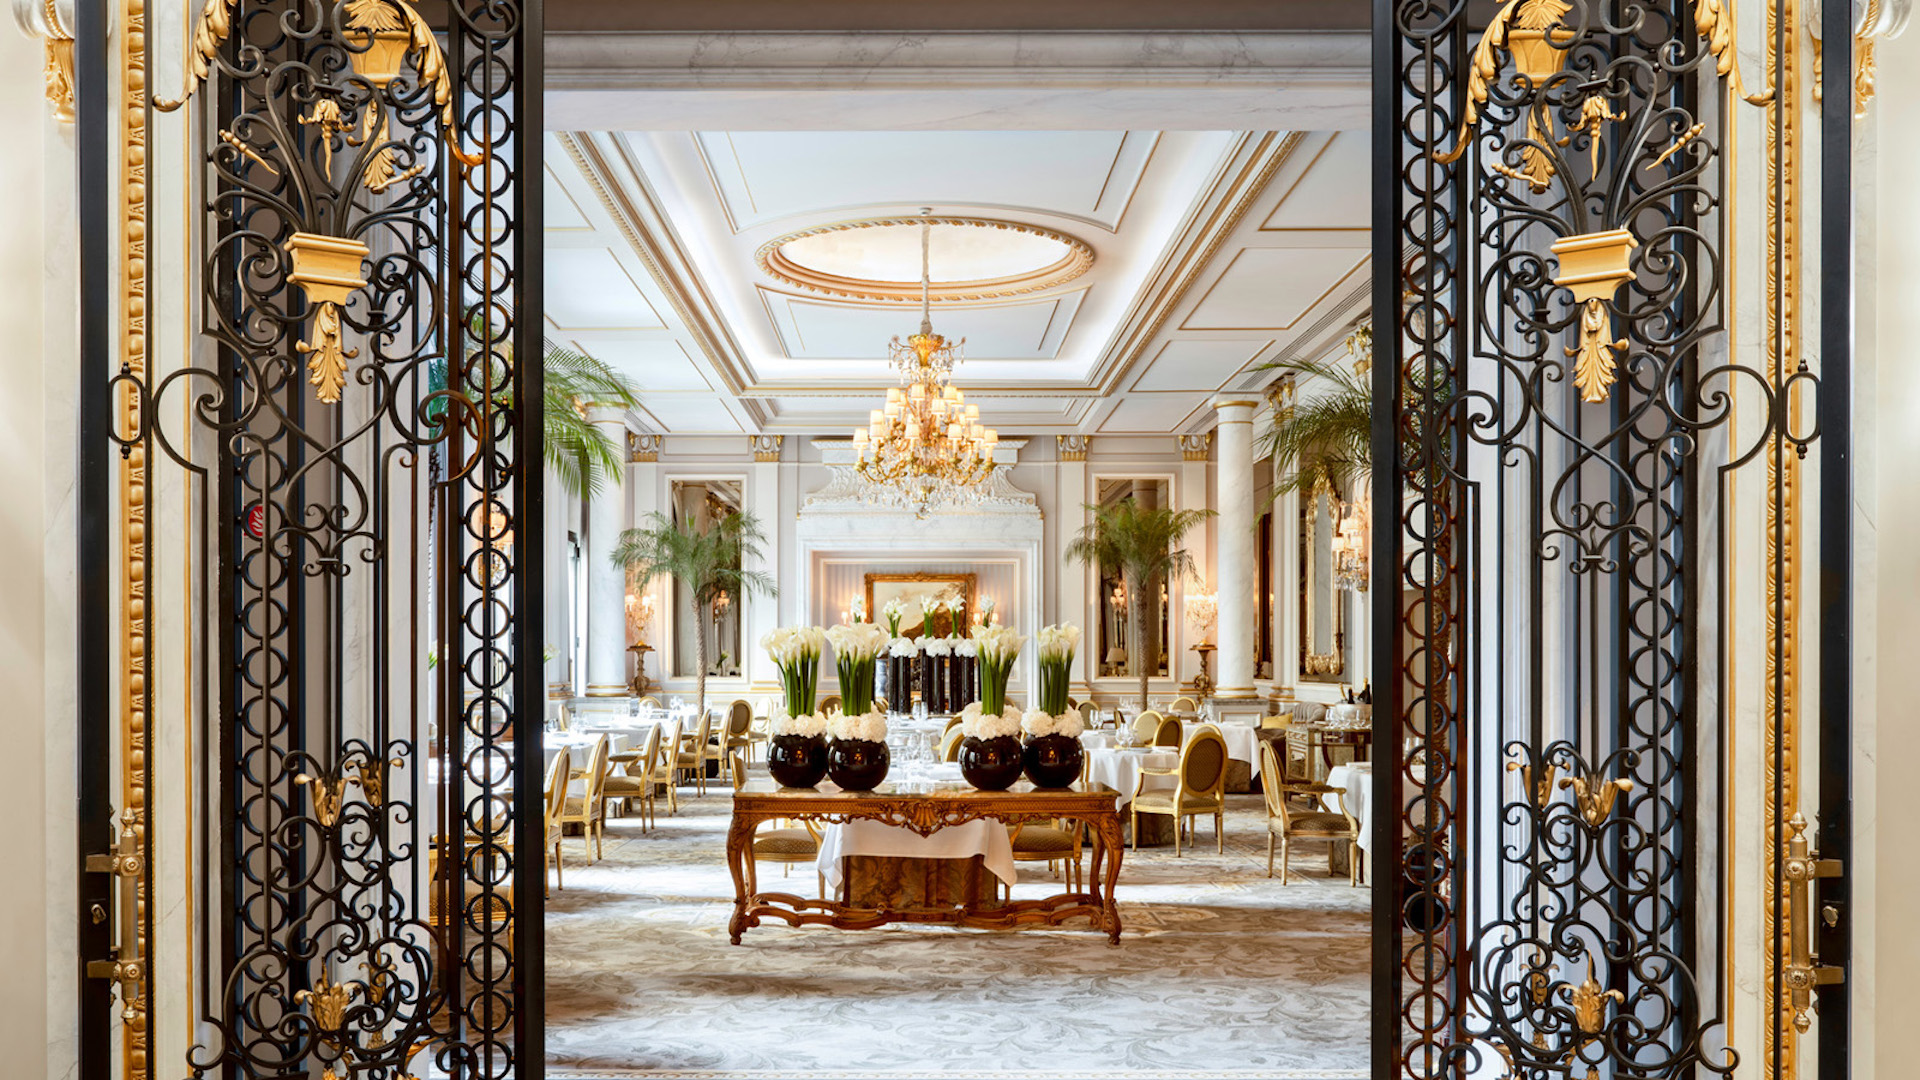 Four Seasons George V Paris, Le Cinq Restaurant